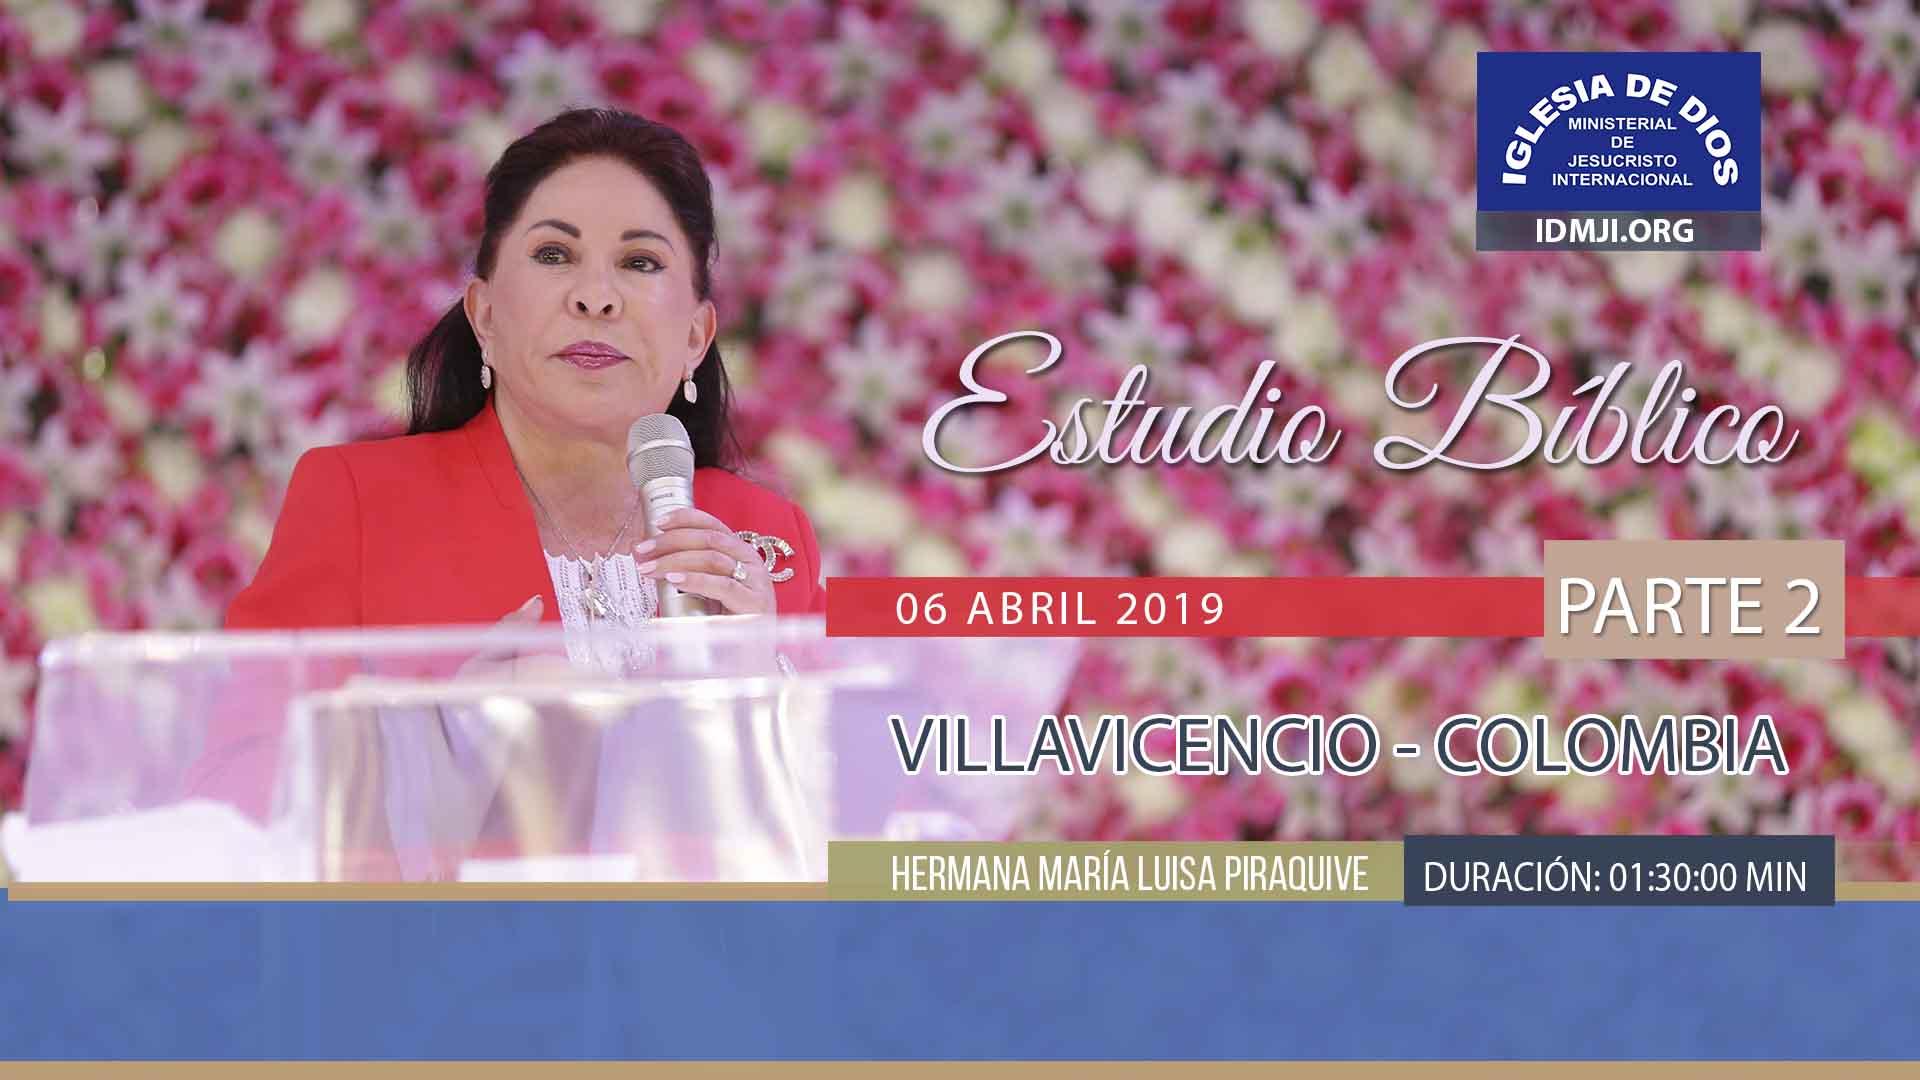 Estudio bíblico, parte 2, Villavicencio – Colombia